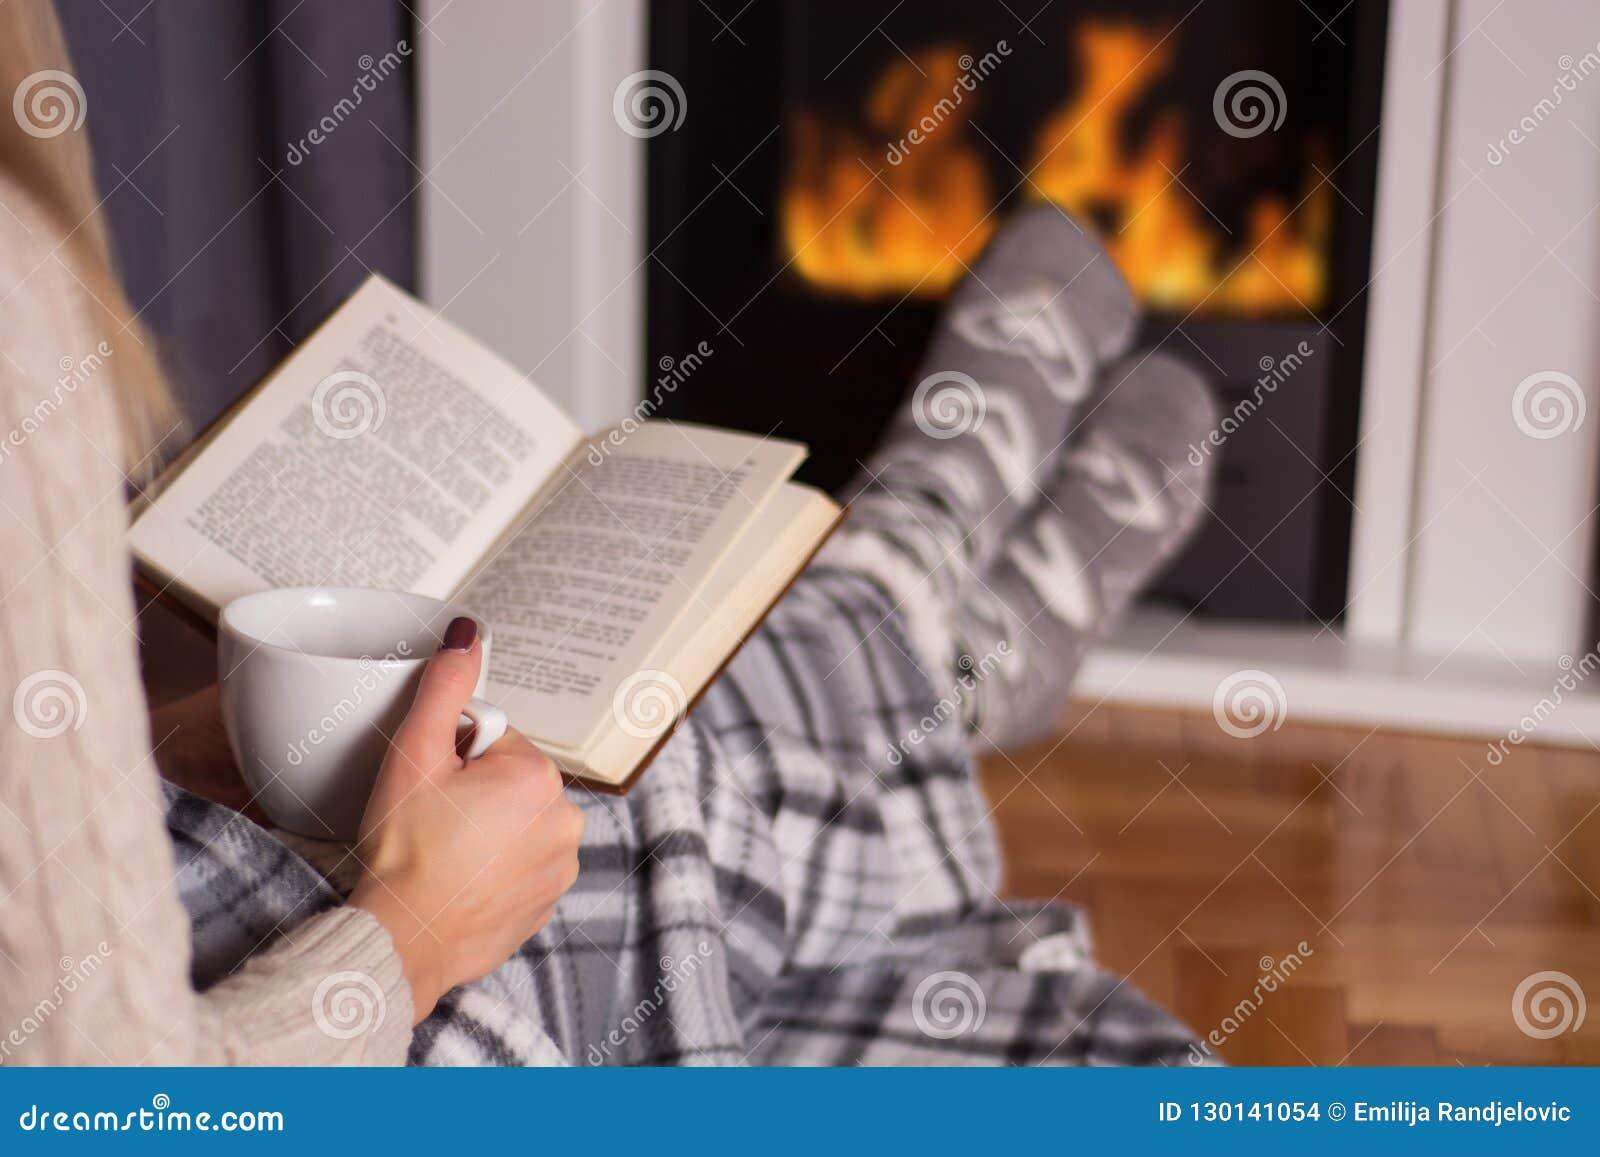 在壁炉看书和温暖脚前面的女孩在火